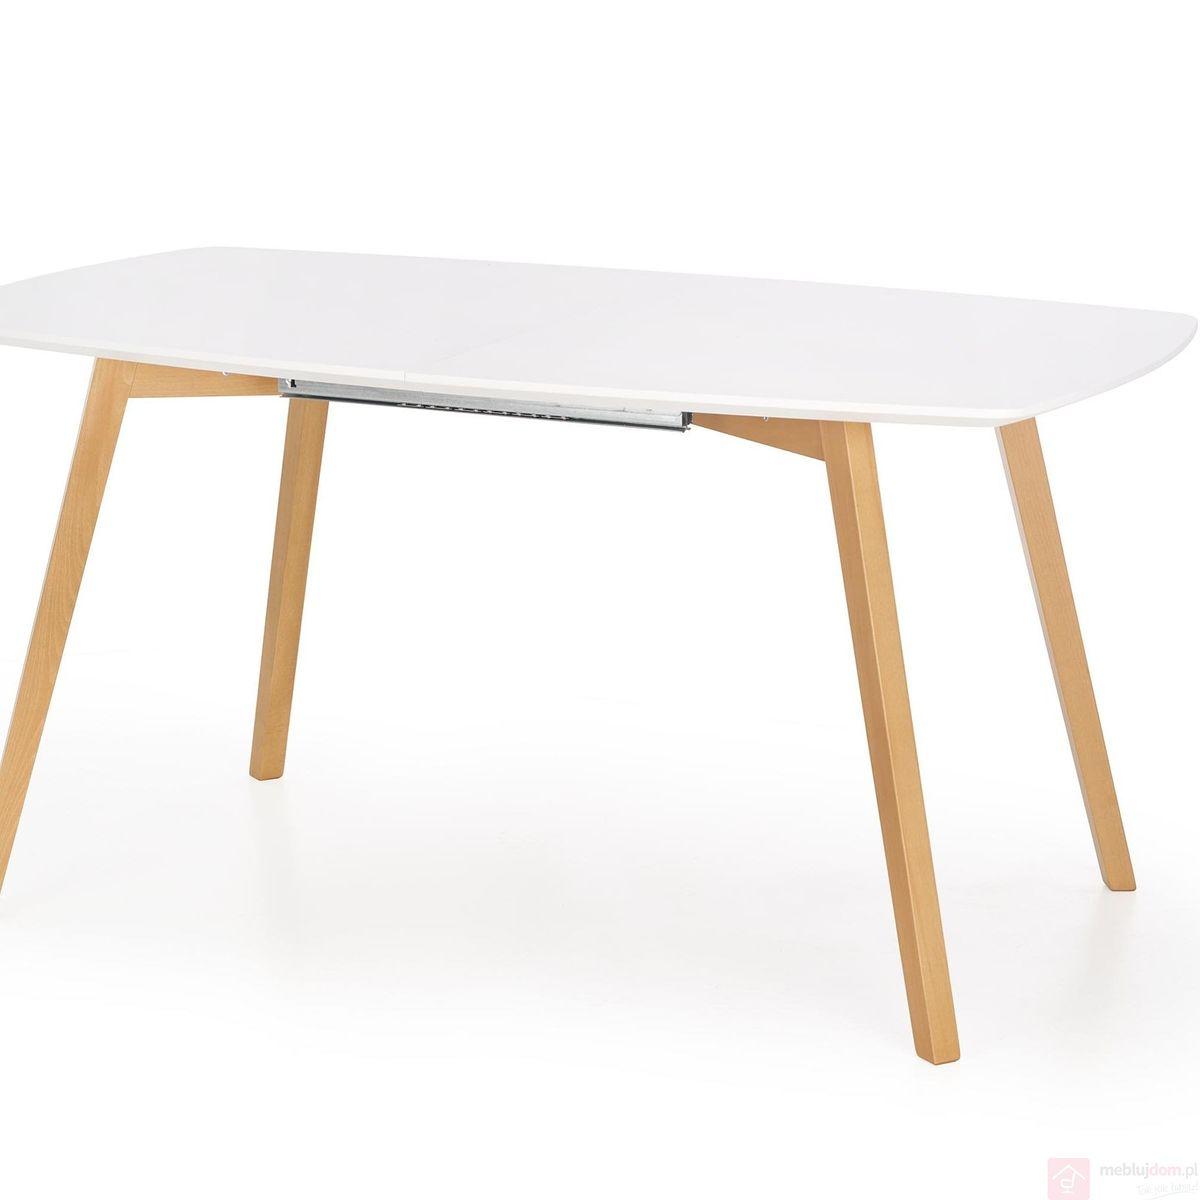 Stół KAJETAN Halmar (82x135-185 cm) złożony